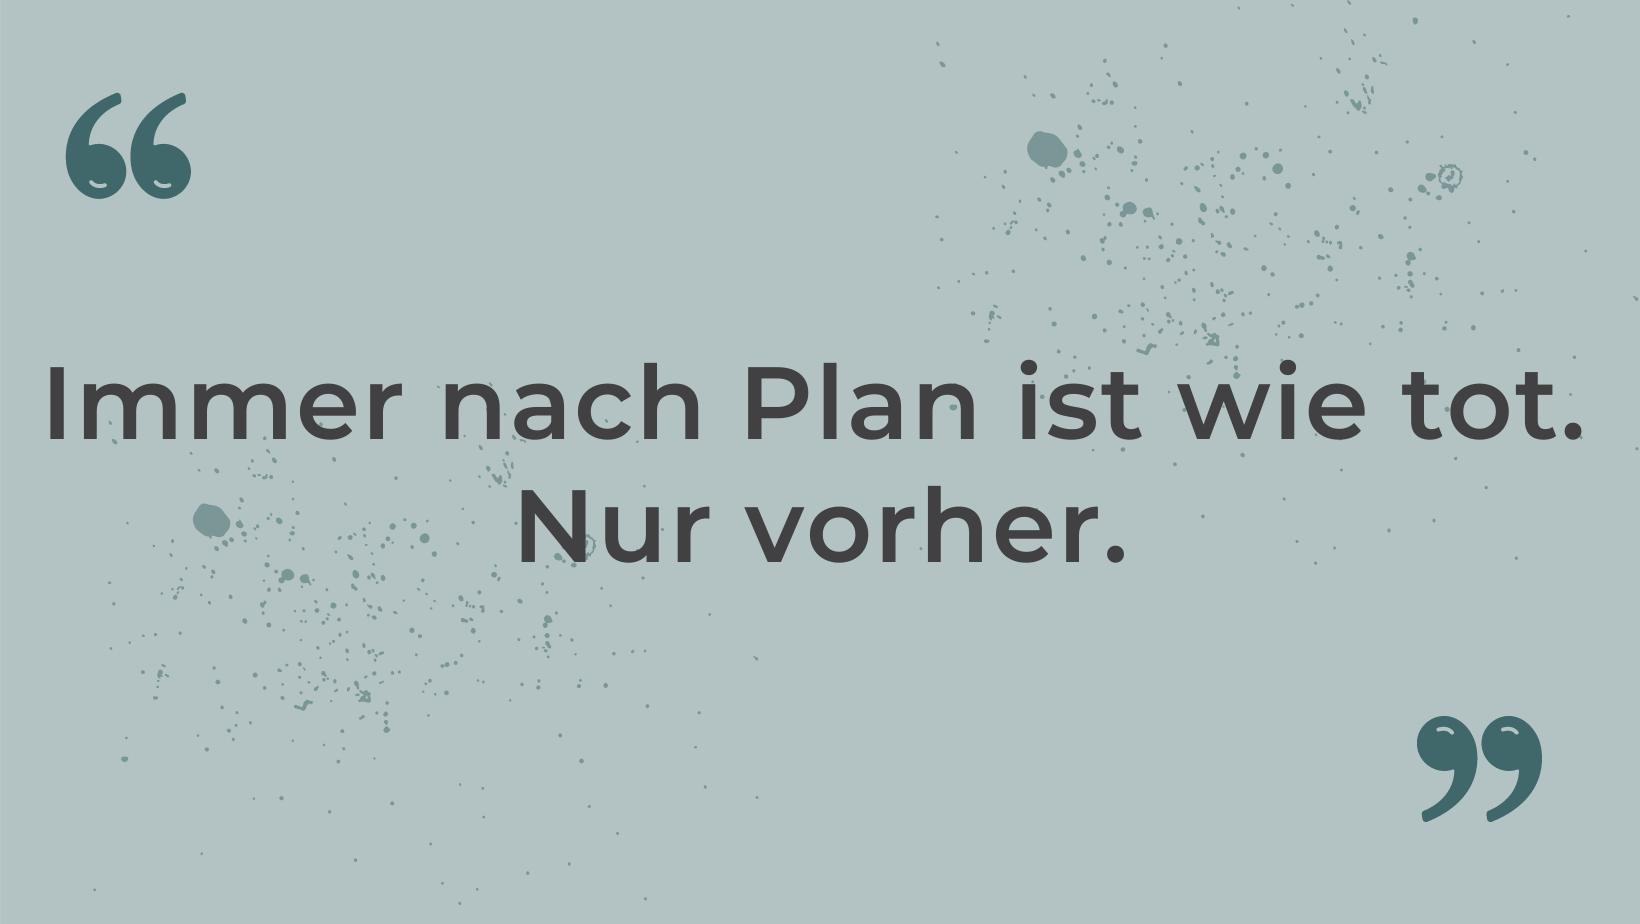 kein Plan ist ein Plan